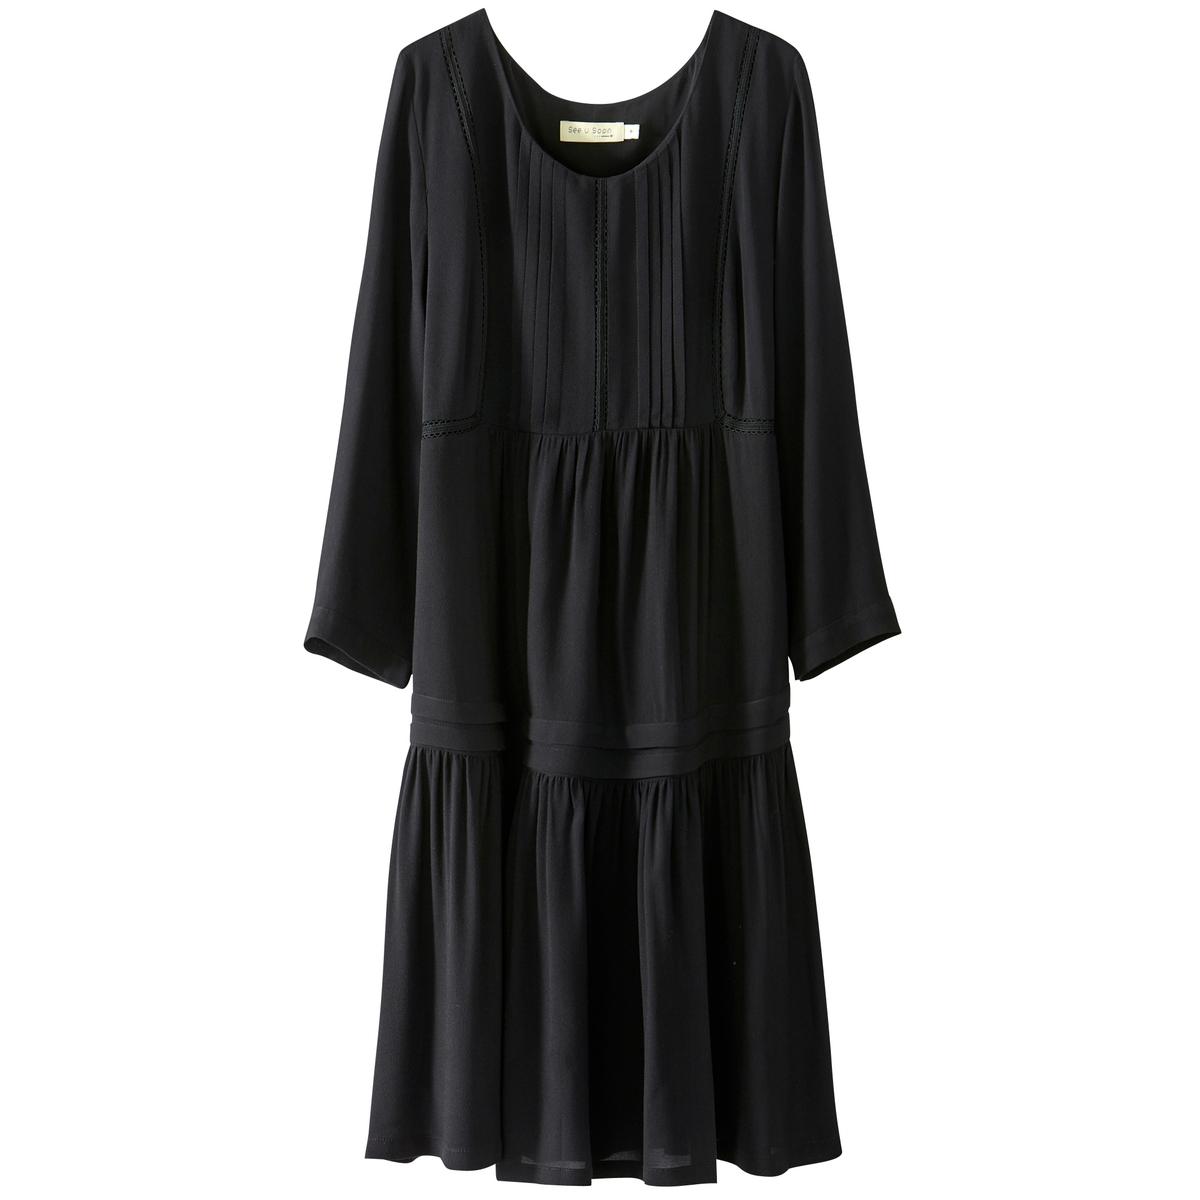 Платье однотонное расклешенного и короткого покроя с рукавами 3/4Детали •  Форма : расклешенная •  Укороченная модель •  Рукава 3/4    •  Круглый вырезСостав и уход •  100% вискоза •  Следуйте советам по уходу, указанным на этикетке<br><br>Цвет: черный<br>Размер: XS